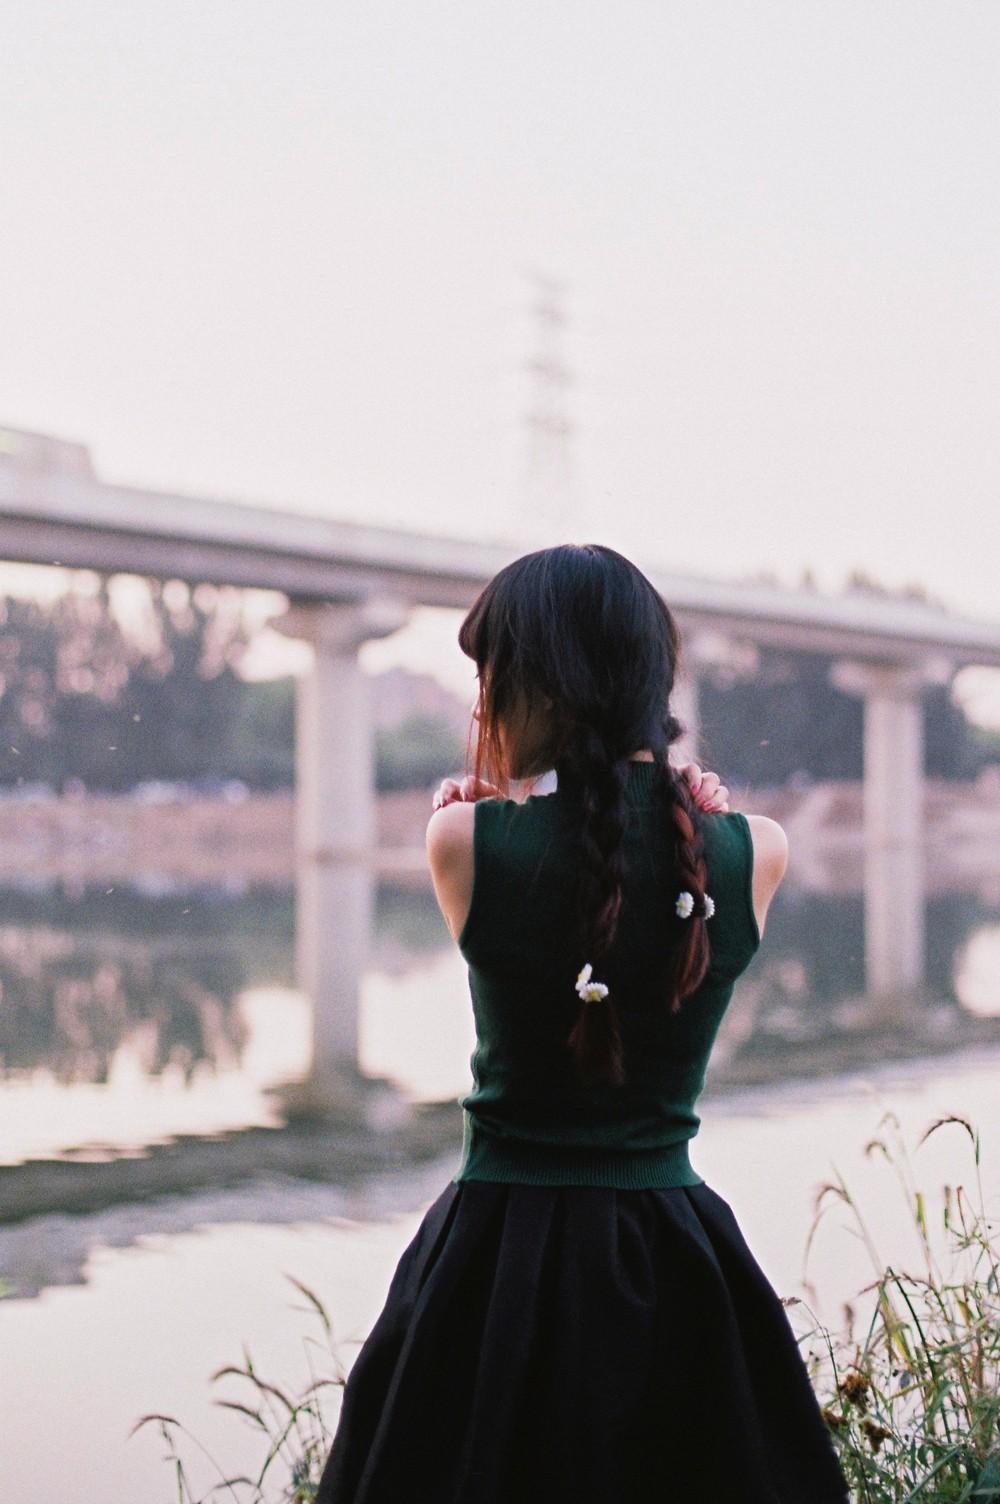 小镇姑娘 @马骏同学-菲林中文-独立胶片摄影门户!